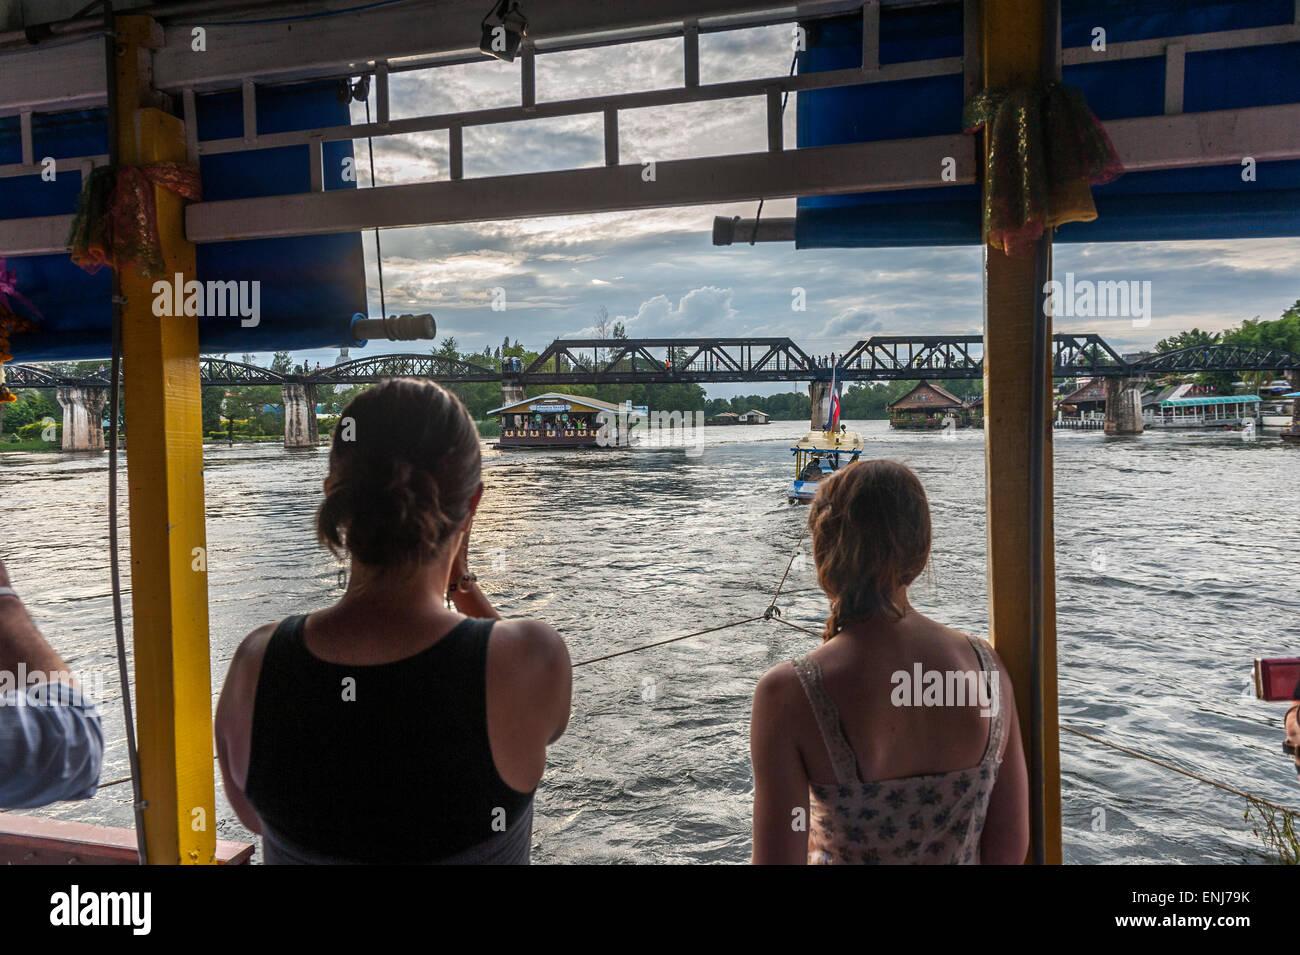 Touristen auf einem Schiff in Richtung Brücke über den River Kwai schwimmenden. Kanchanaburi. Thailand Stockbild